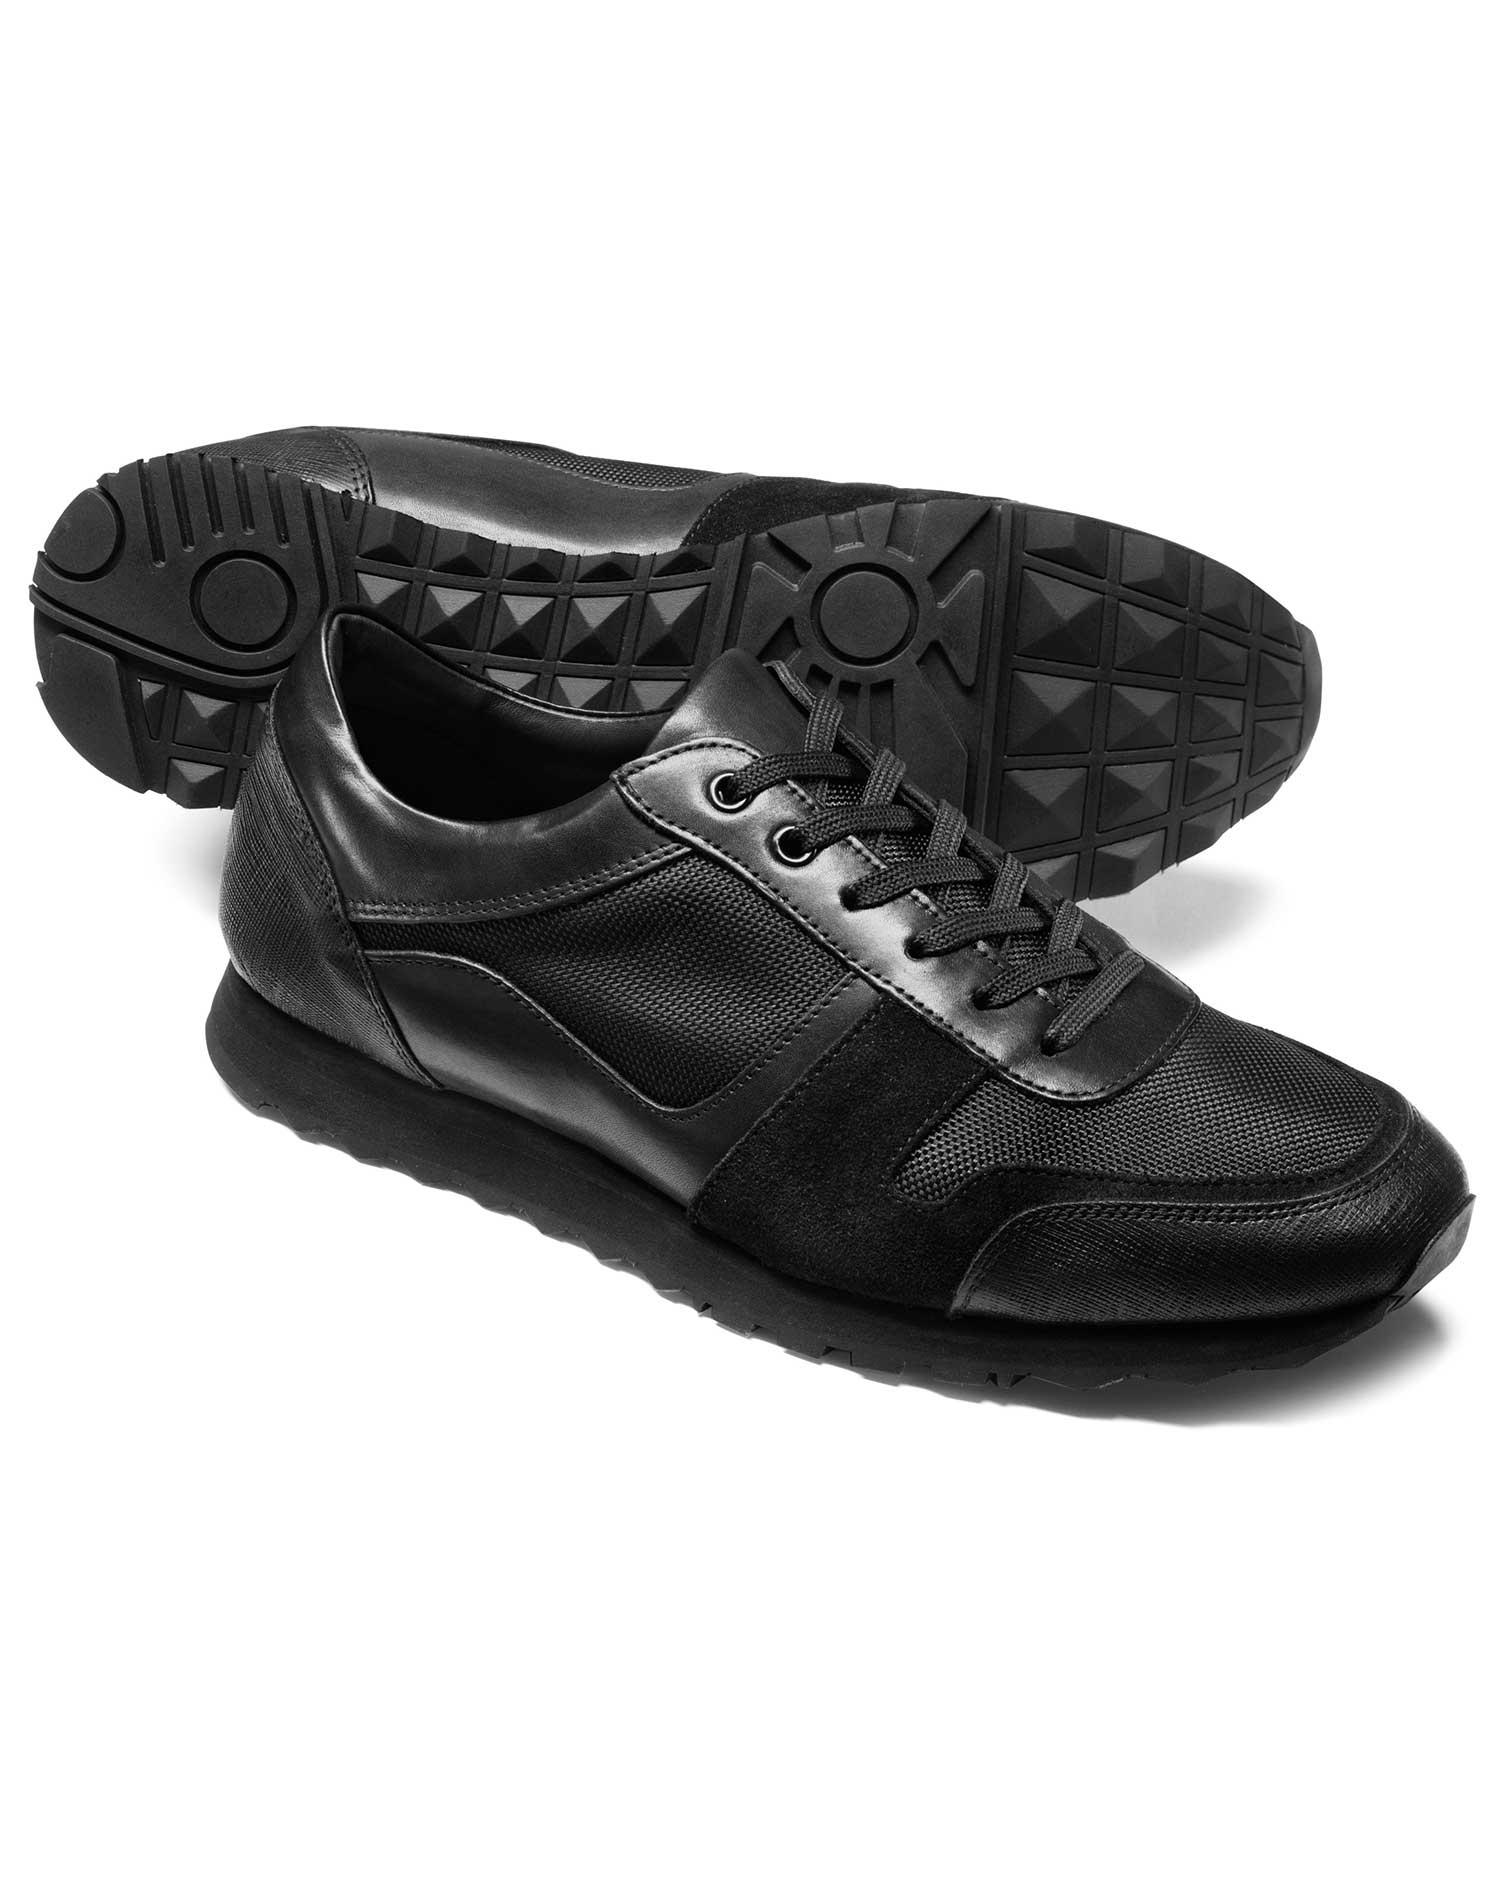 Black Sneaker Size 6 R by Charles Tyrwhitt